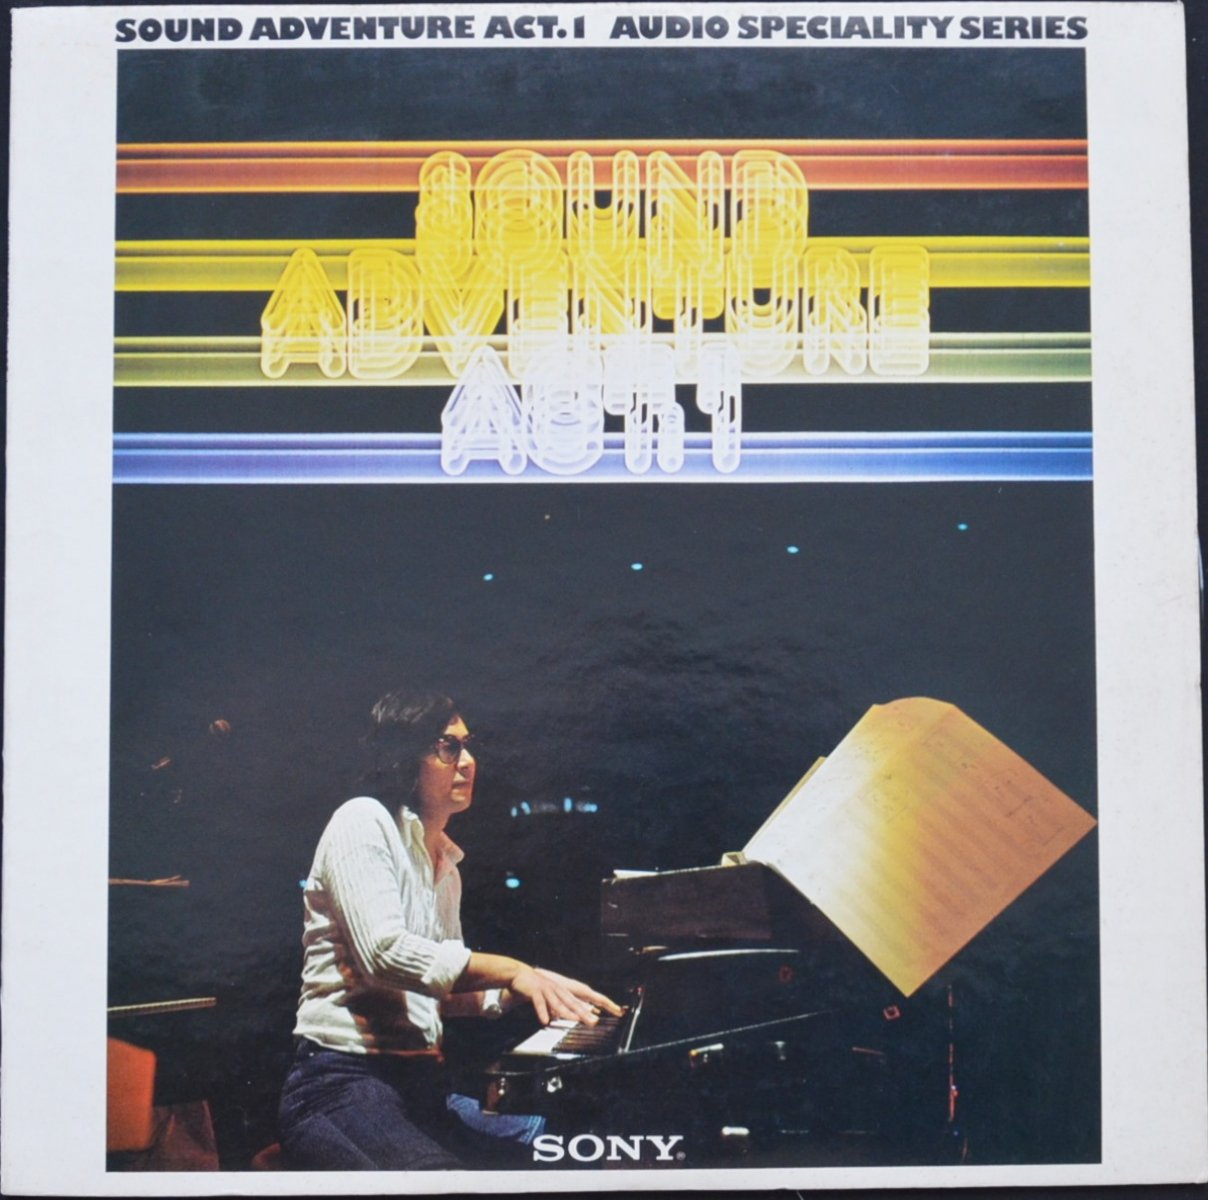 大野雄二 YUJI OHNO / サウンド・アドベンチャー アクトI (SOUND ADVENTURE ACT.1 / AUDIO SPECIALITY SERIES) (LP)